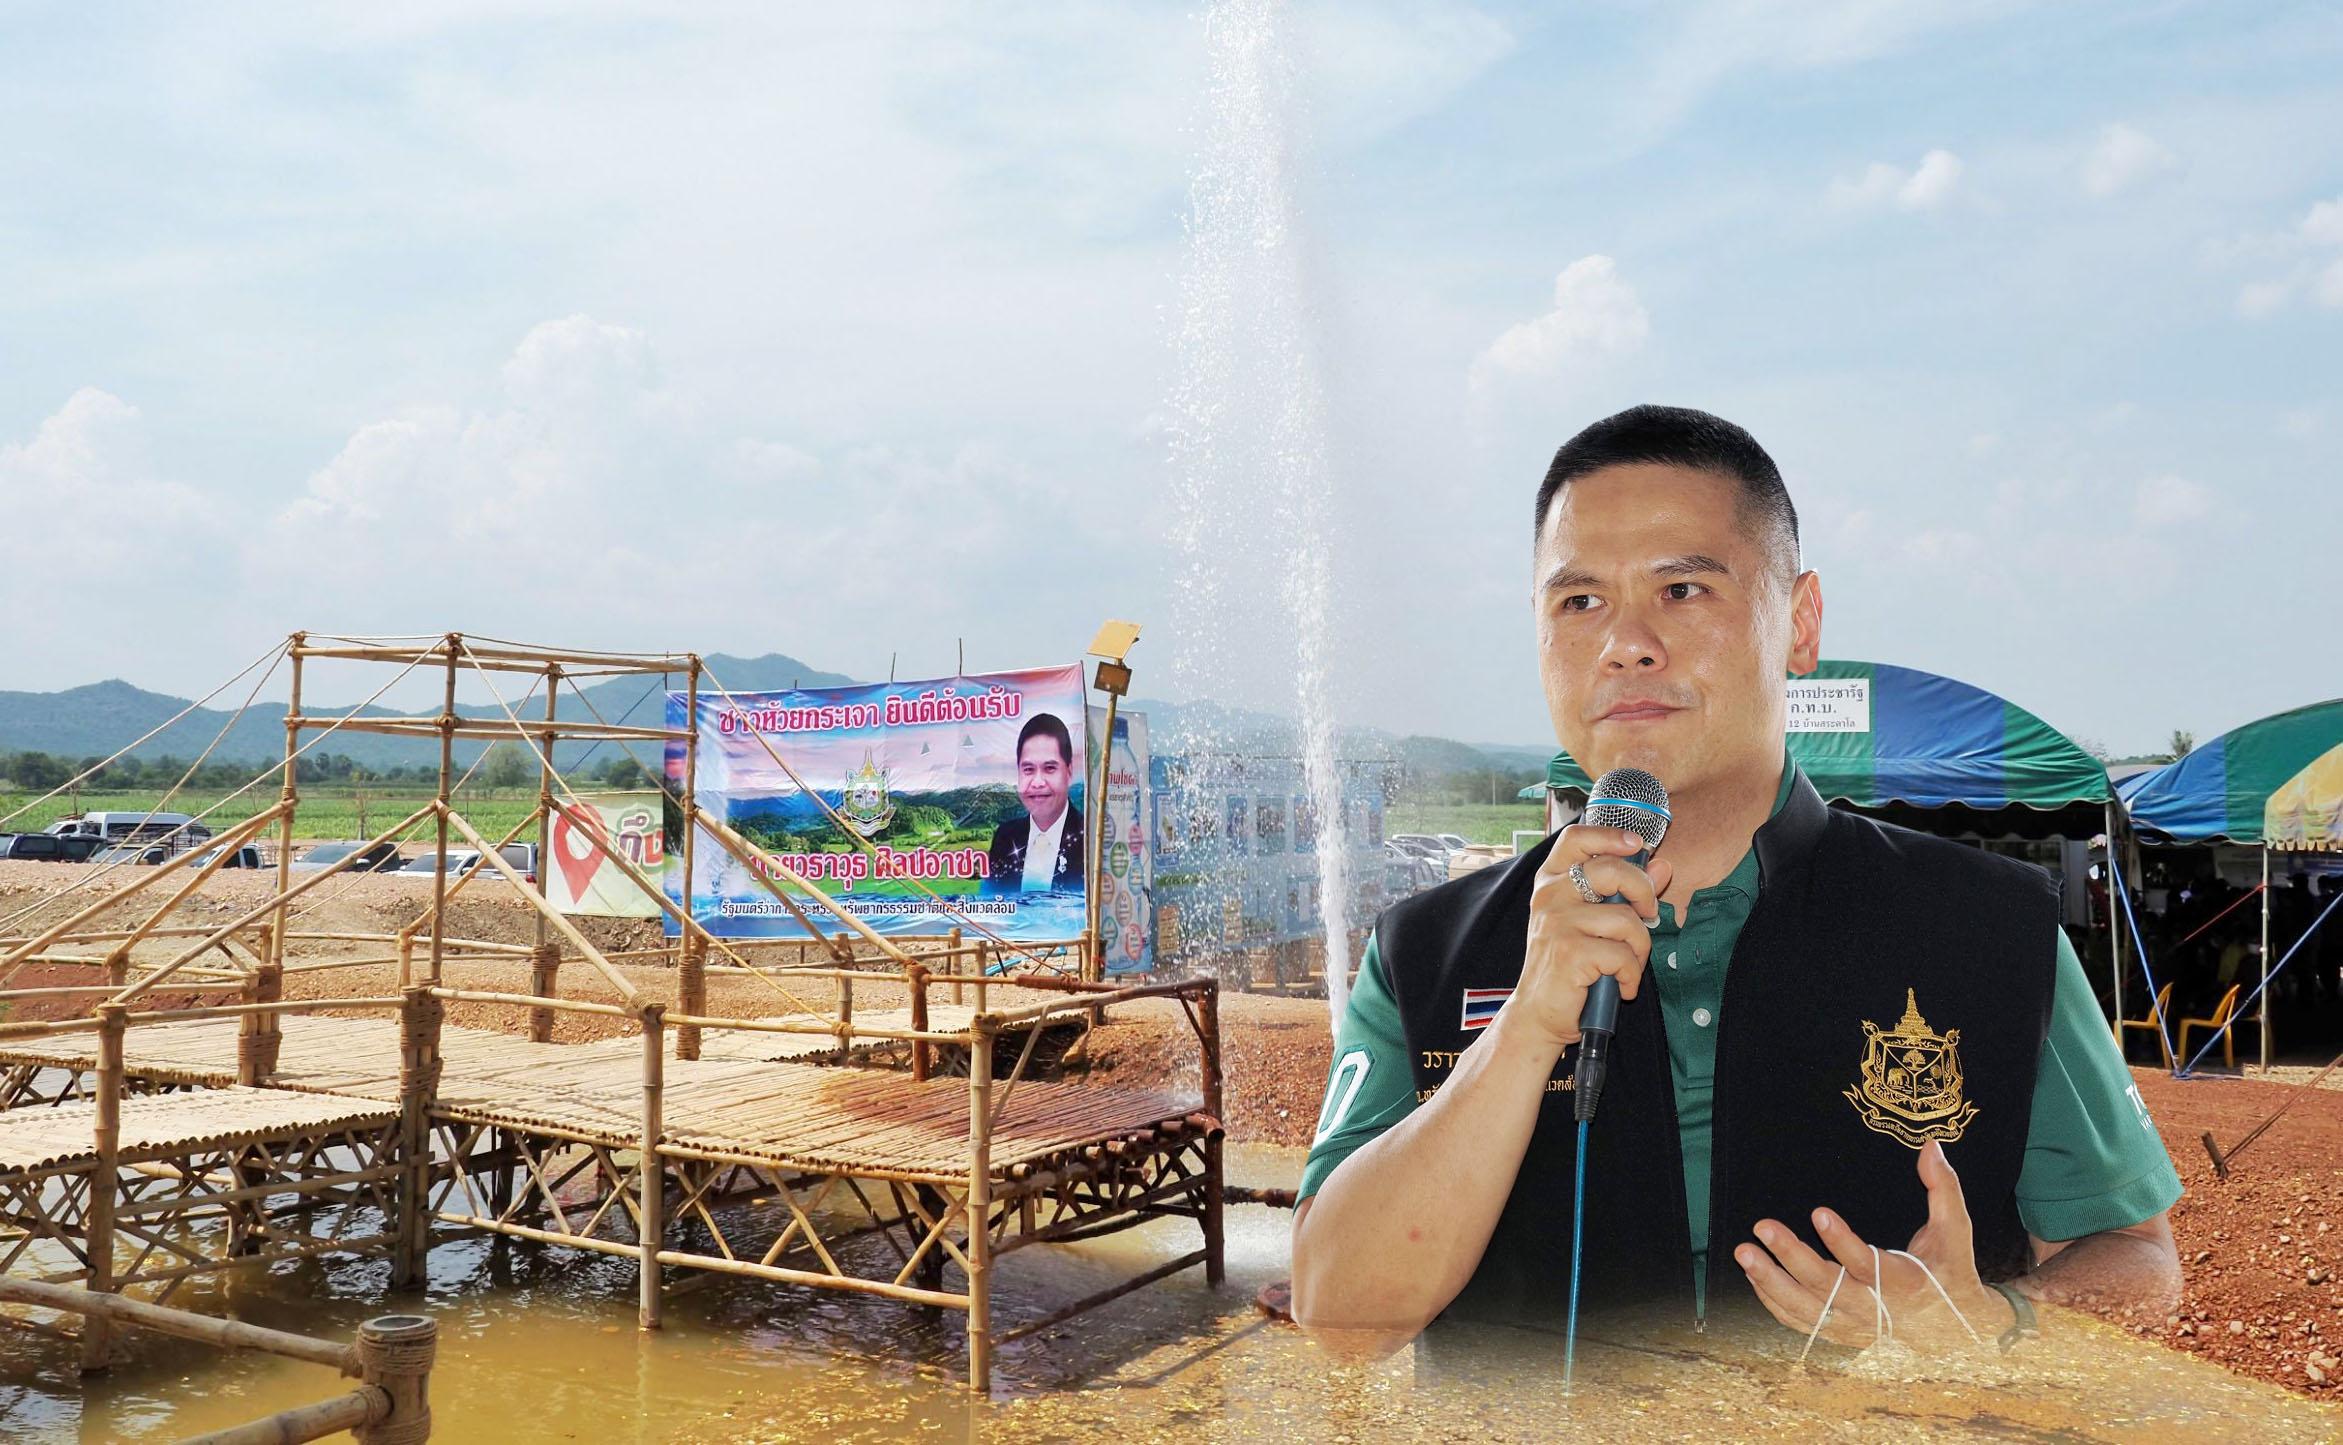 รมว. ทส. ลงพื้นที่โครงการพัฒนาน้ำบาดาล บ่อน้ำพุโซดา จ.กาญจนบุรี